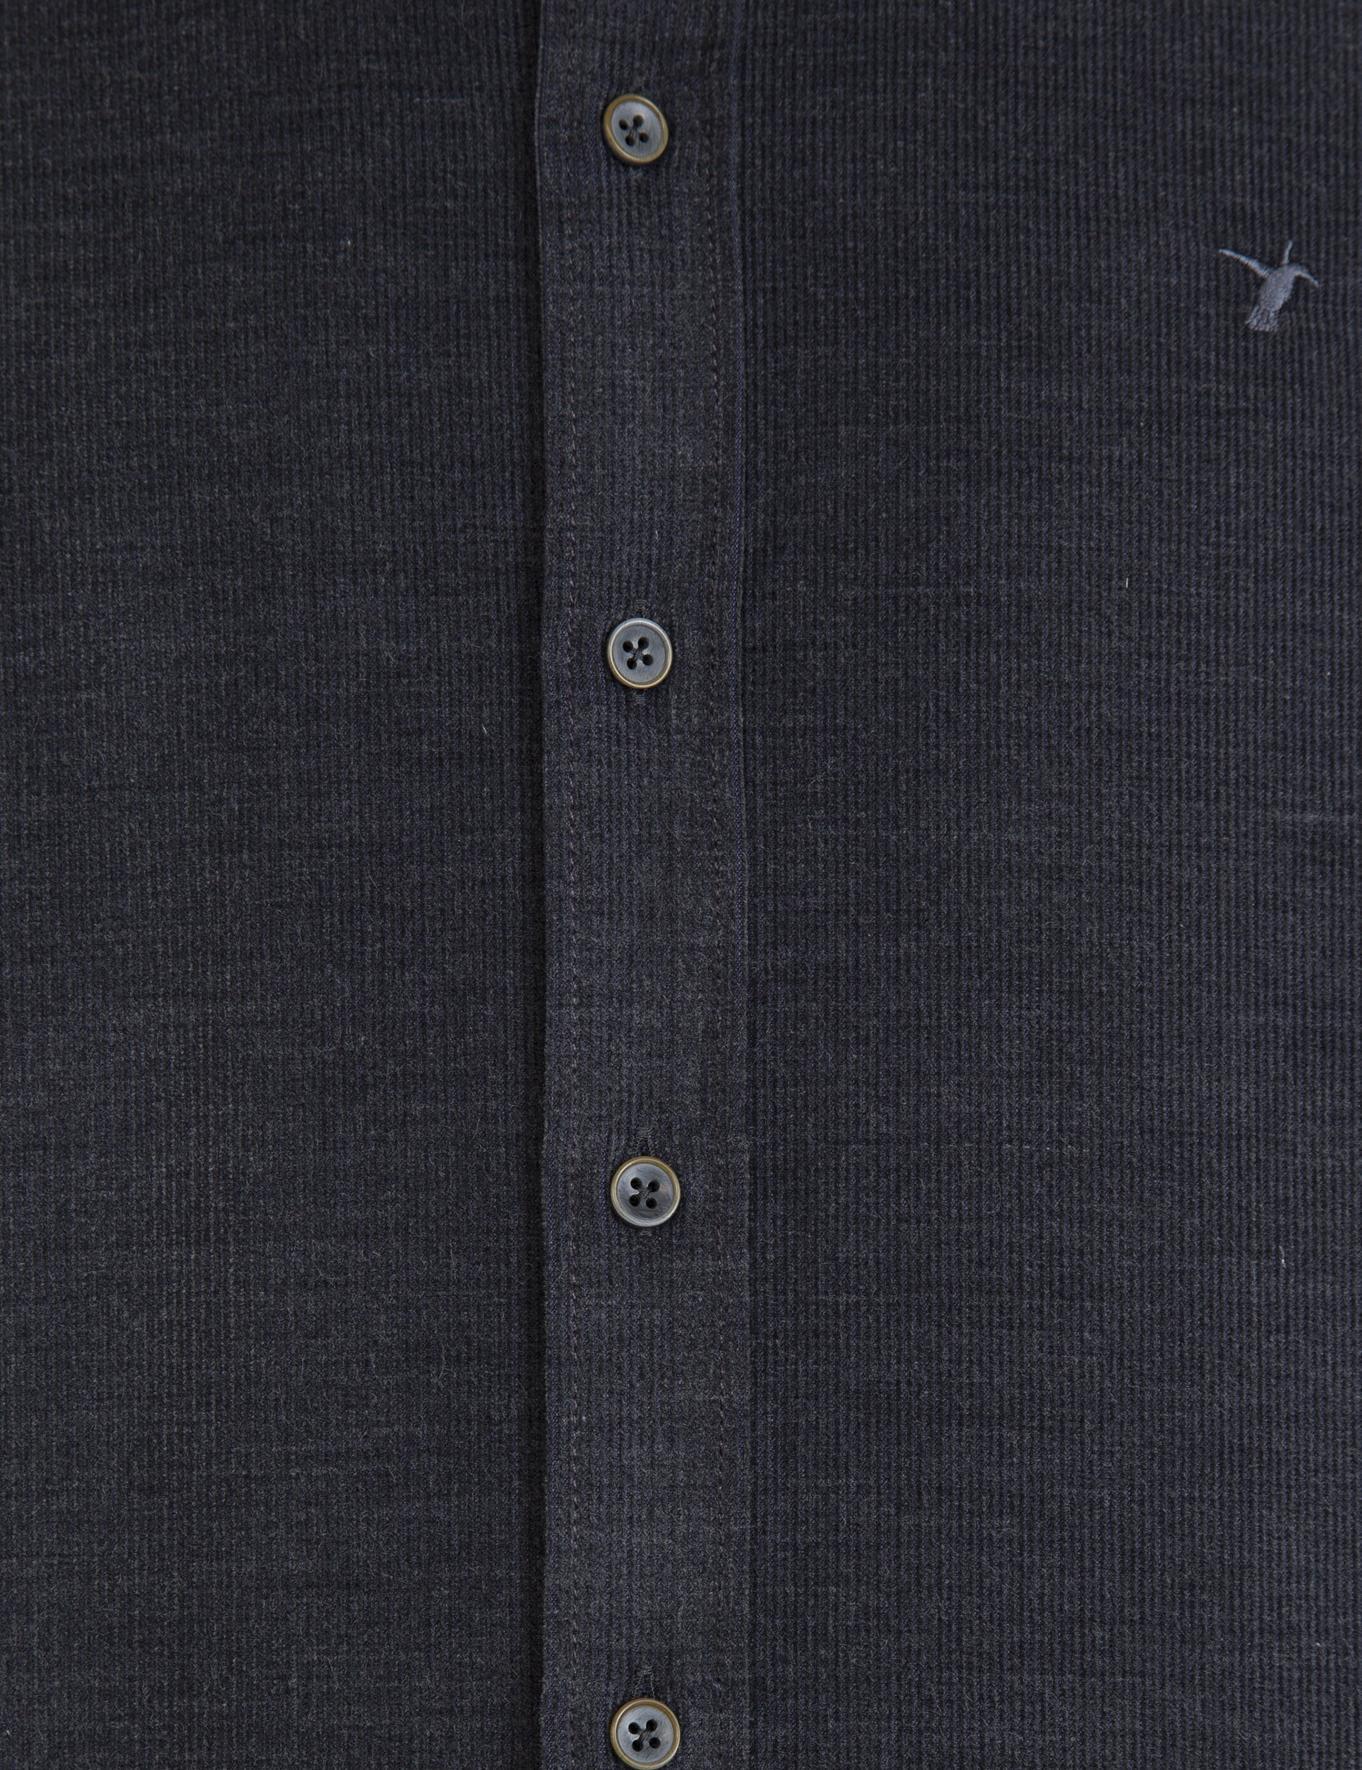 Füme Slim Fit Gömlek - 50227351045